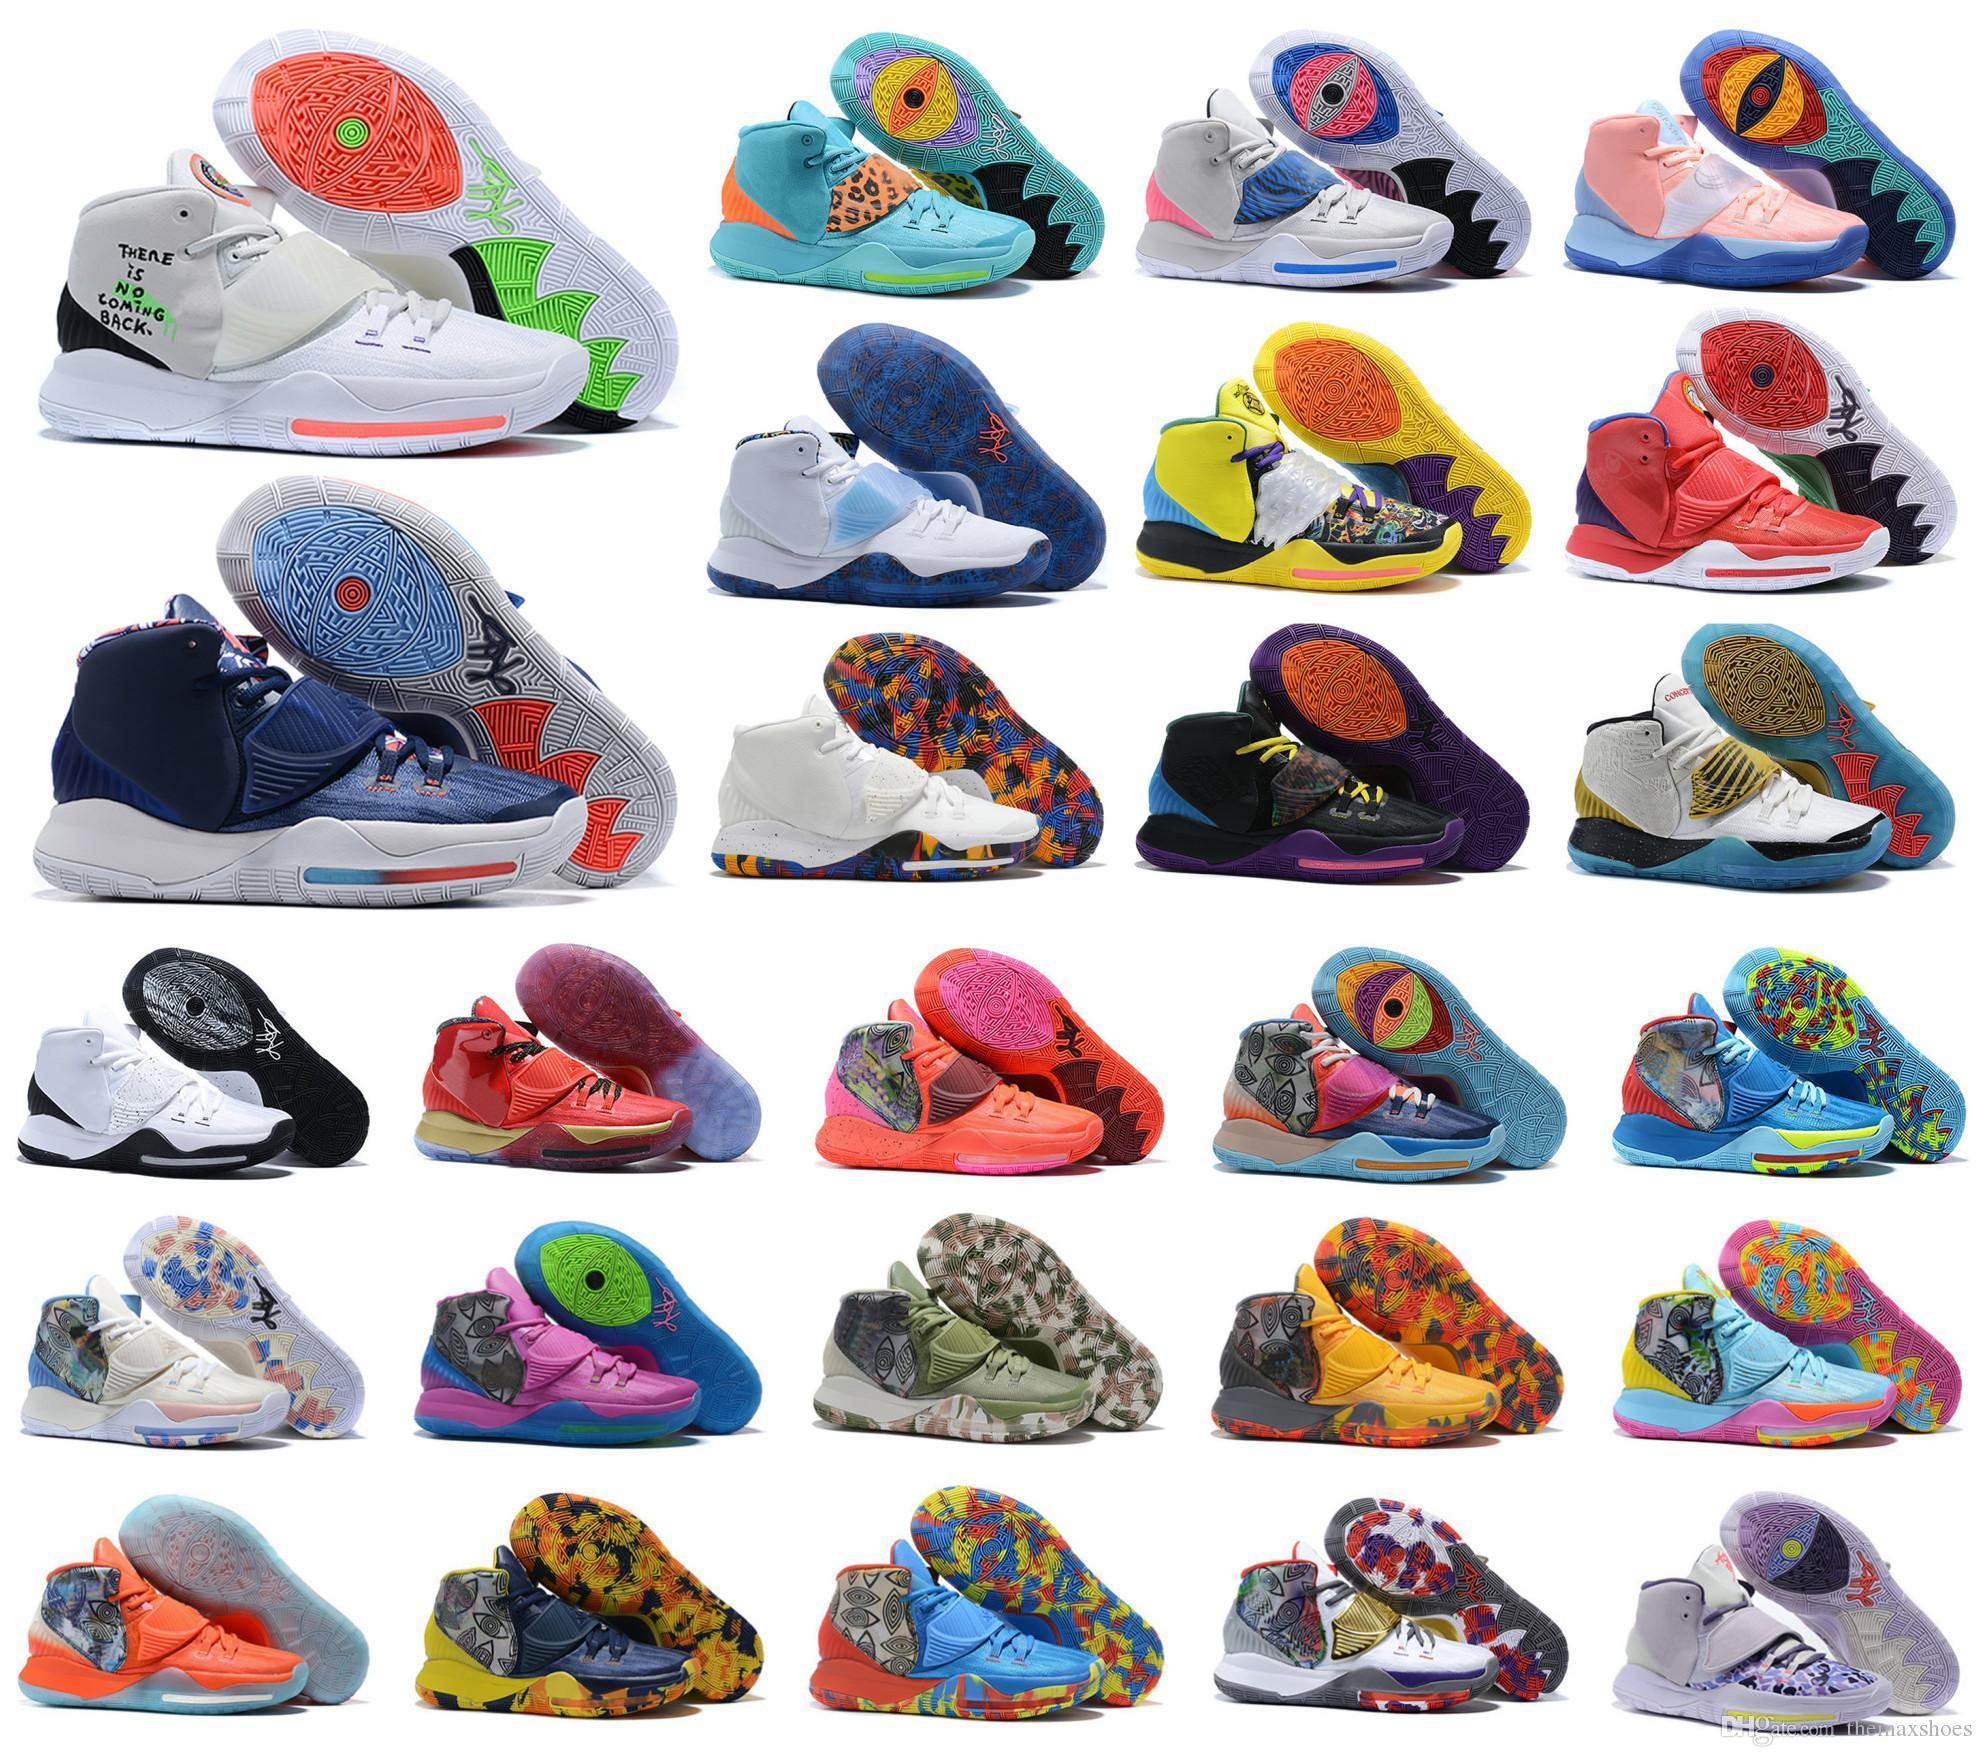 2020 Новое прибытие мужчин Кирие VI Mens Basketball обувь Ирвинг 6S 6 Мальчики Женщины Увеличить Спорт Кроссовки 7-12